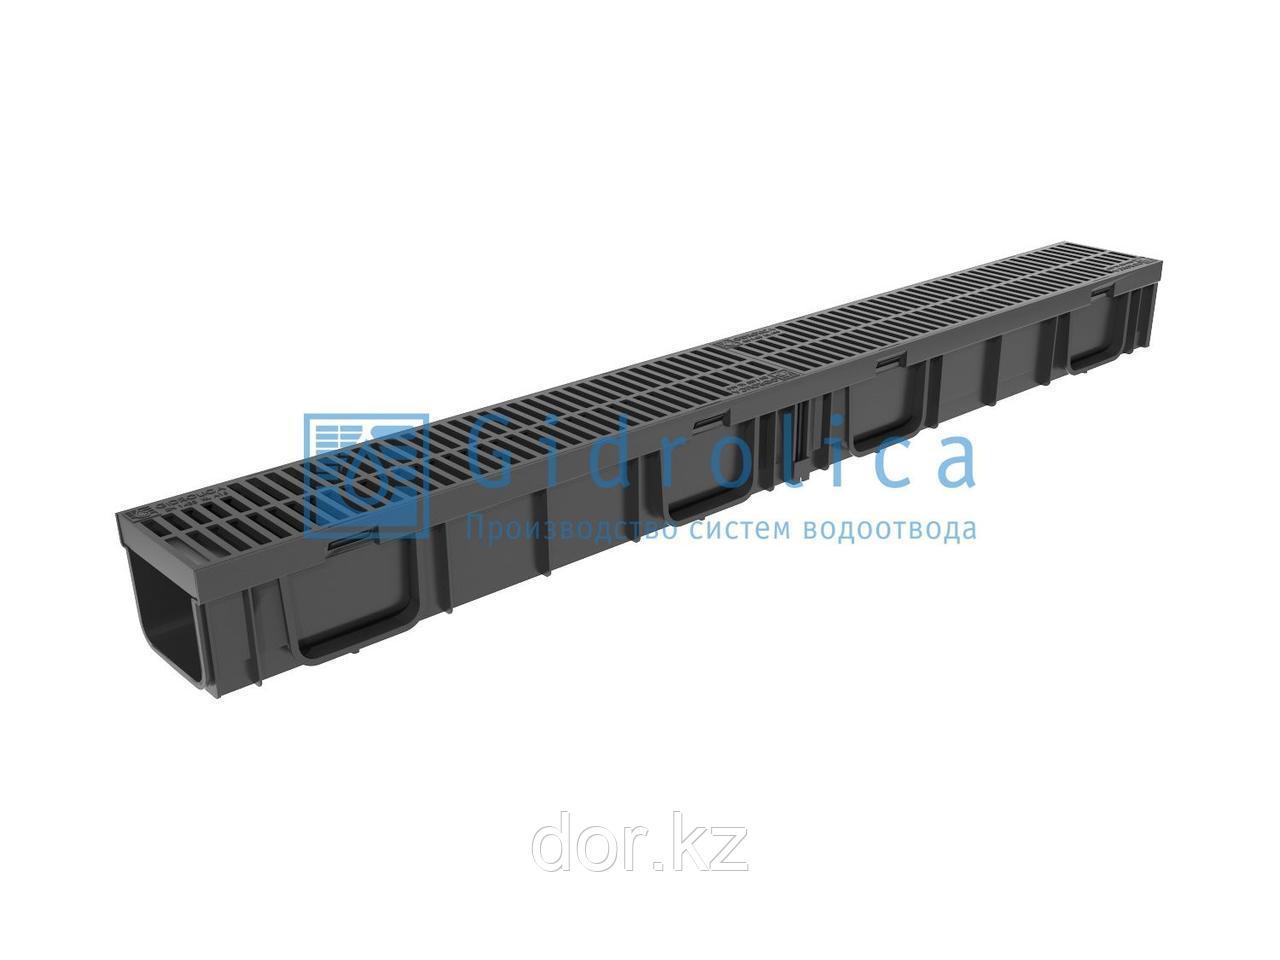 Арт. 0807 Комплект Gidrolica Light: лоток водоотводный ЛВ -10.11,5.9,5 - пластиковый с решеткой РВ- 10.11.50